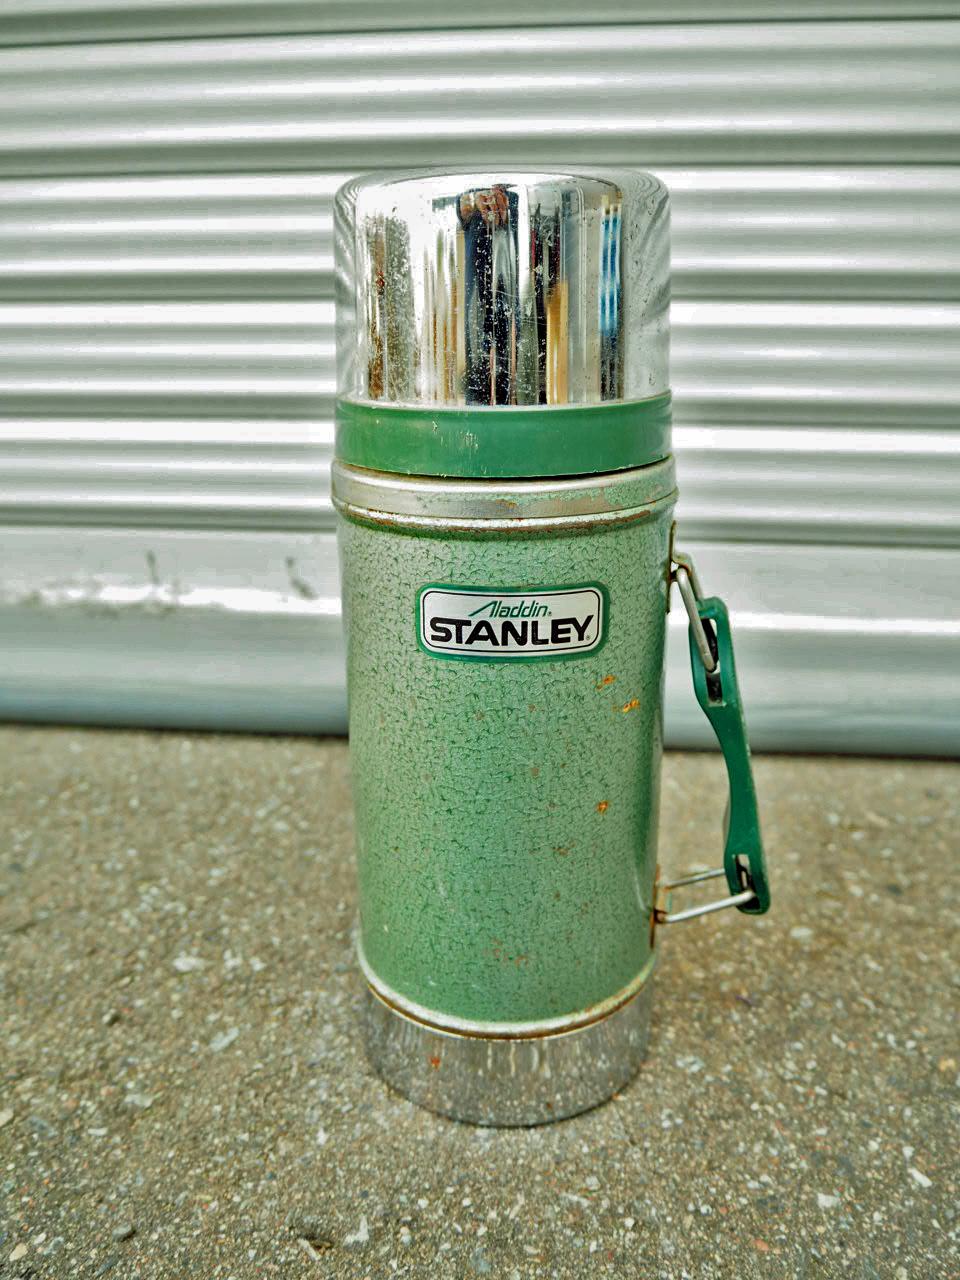 品番1057 Aladdin アラジン 水筒 スタンレー STANLEY 真空ボトル ヴィンテージ 011